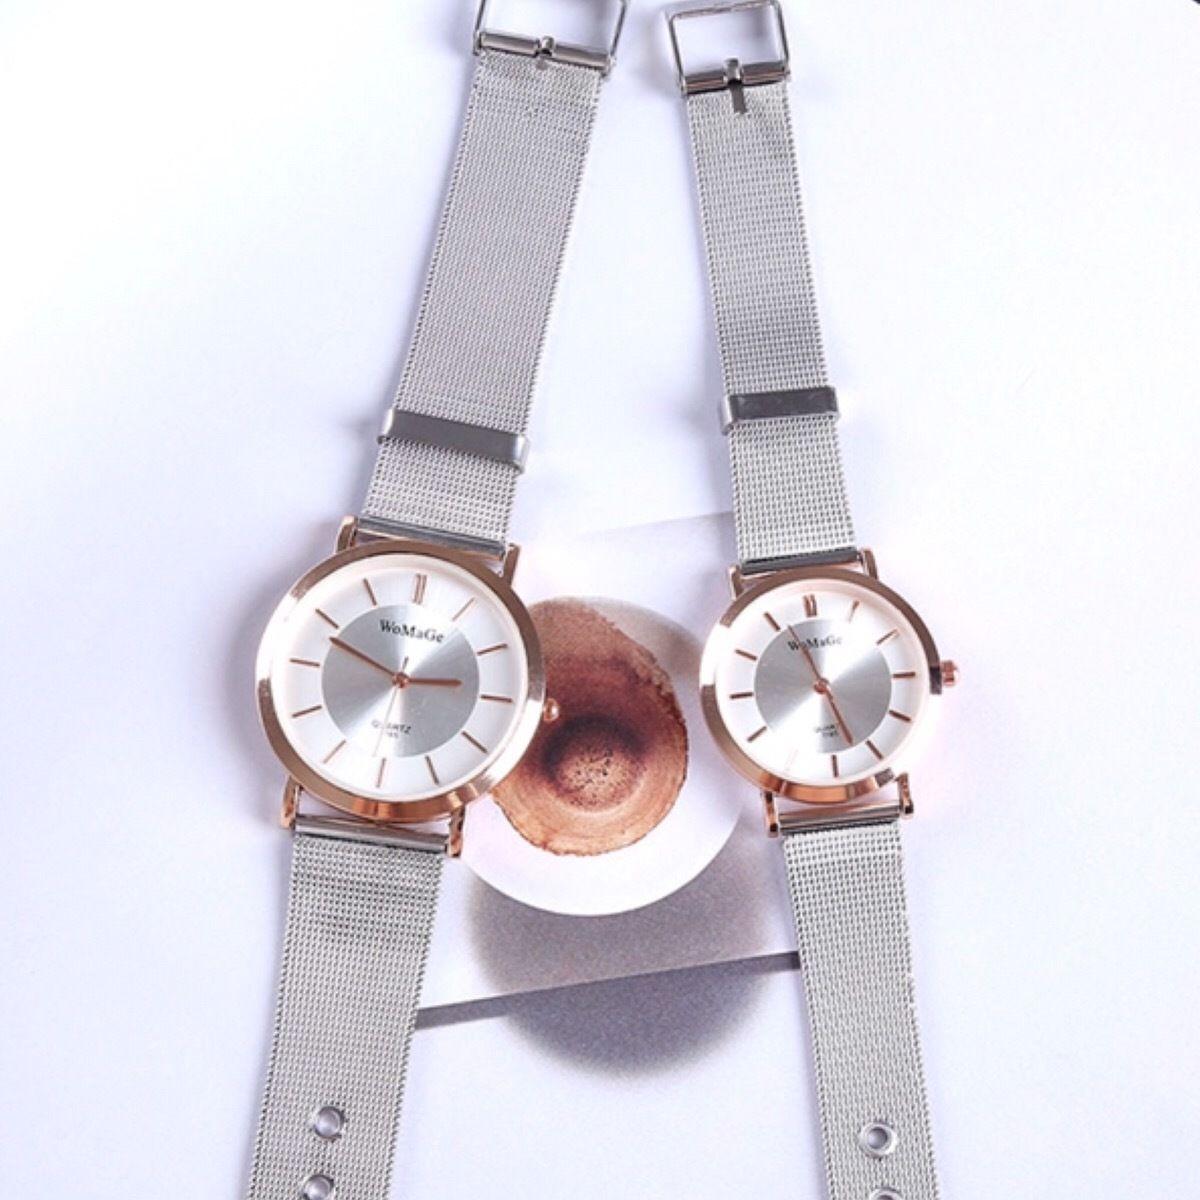 クリアウォッチ シルバー メンズ レディース  ペア シンプル ギフト 人気 プレゼント 時計 おしゃれ 安い かわいい スケルトン ブレスレット 腕時計